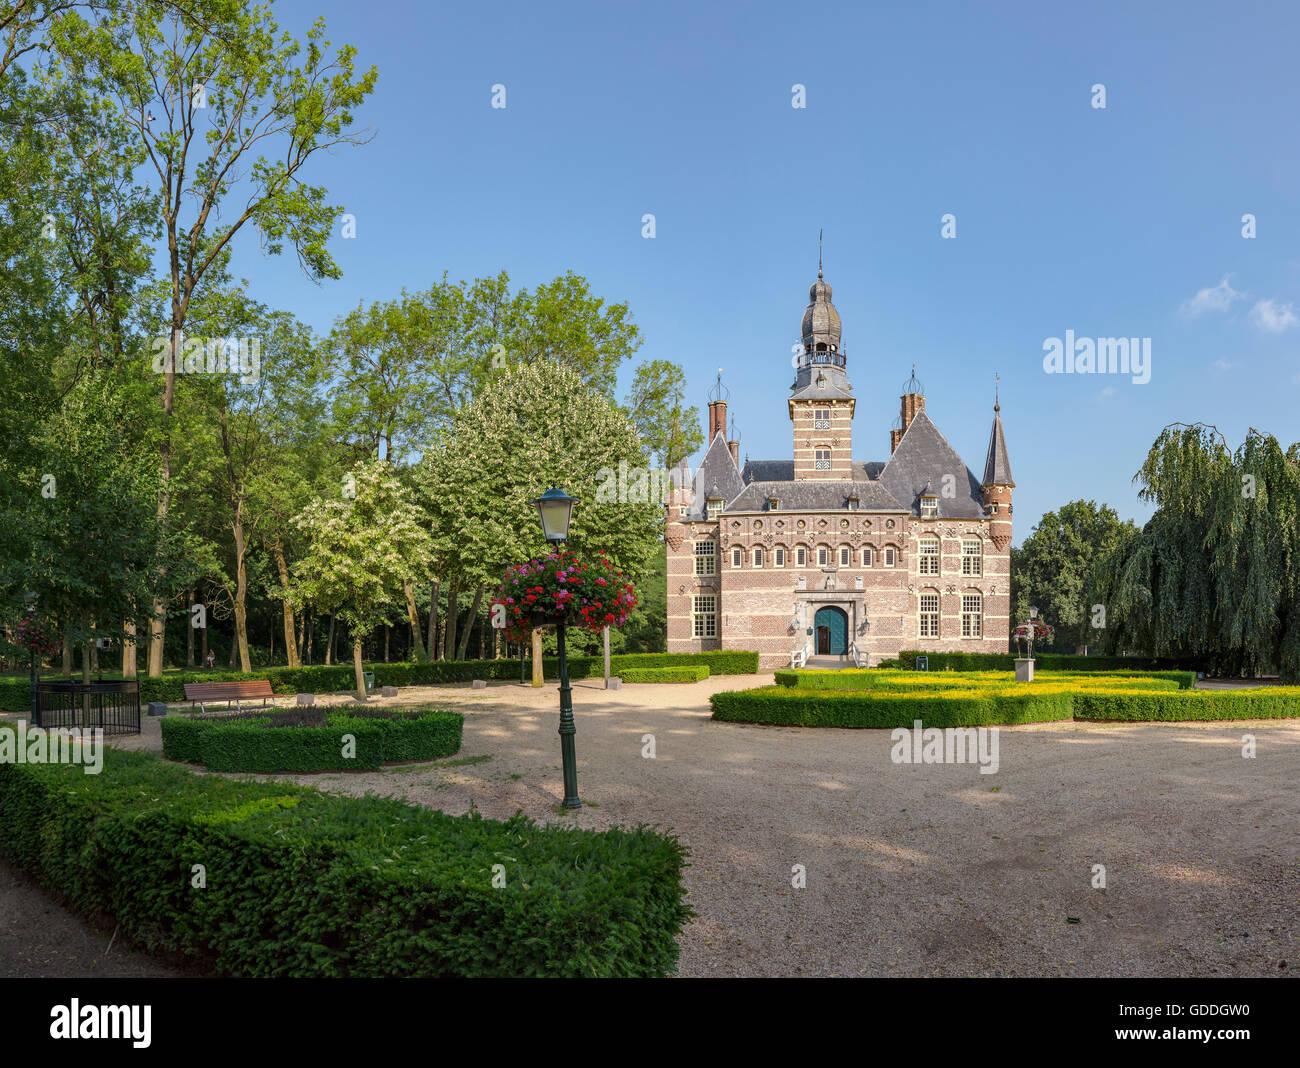 Wijchen,Gelderland,Museum,formal garden Stock Photo